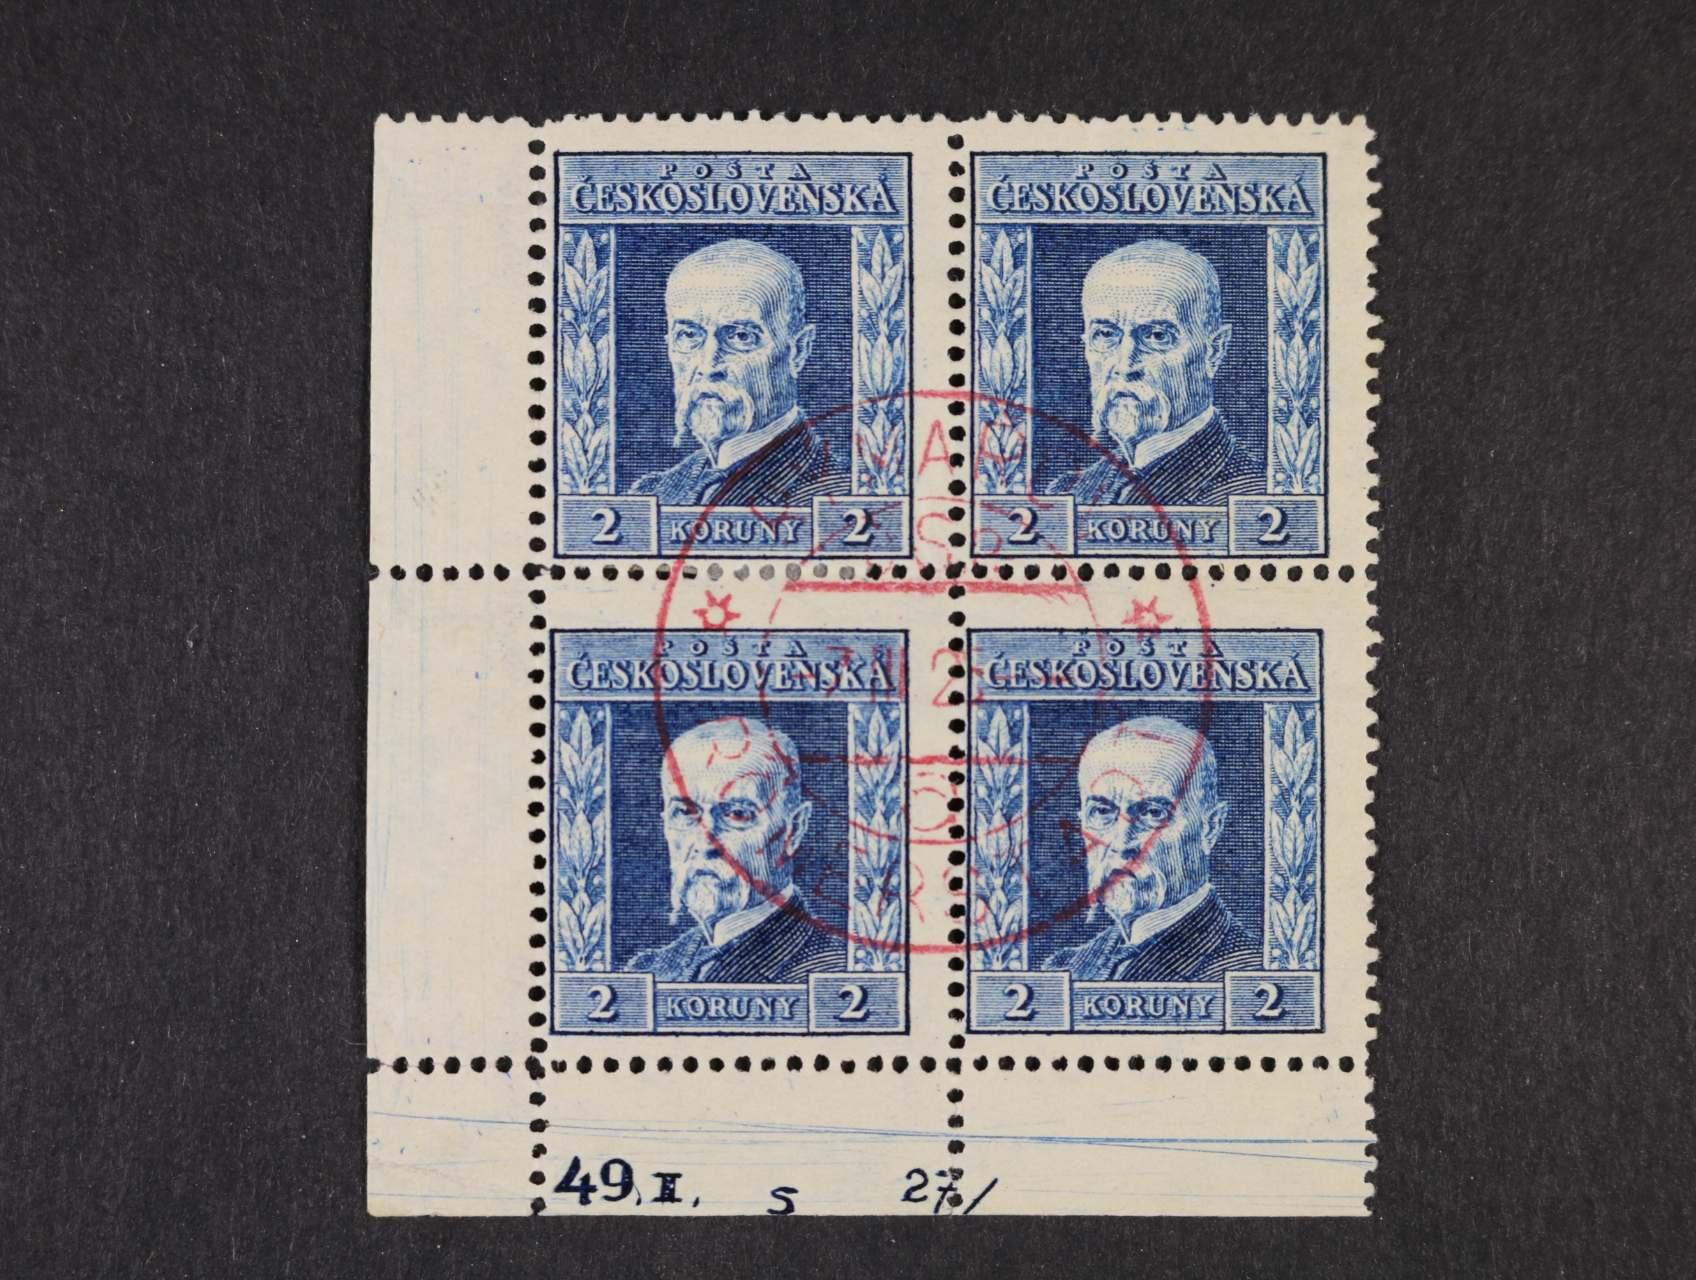 zn. č. 191B, pr. 6, - levý spodní roh. čtyřblok s DZ 49.I.   5  27/  s kompl. červeným raz. ROMERSTADT 7.3.25